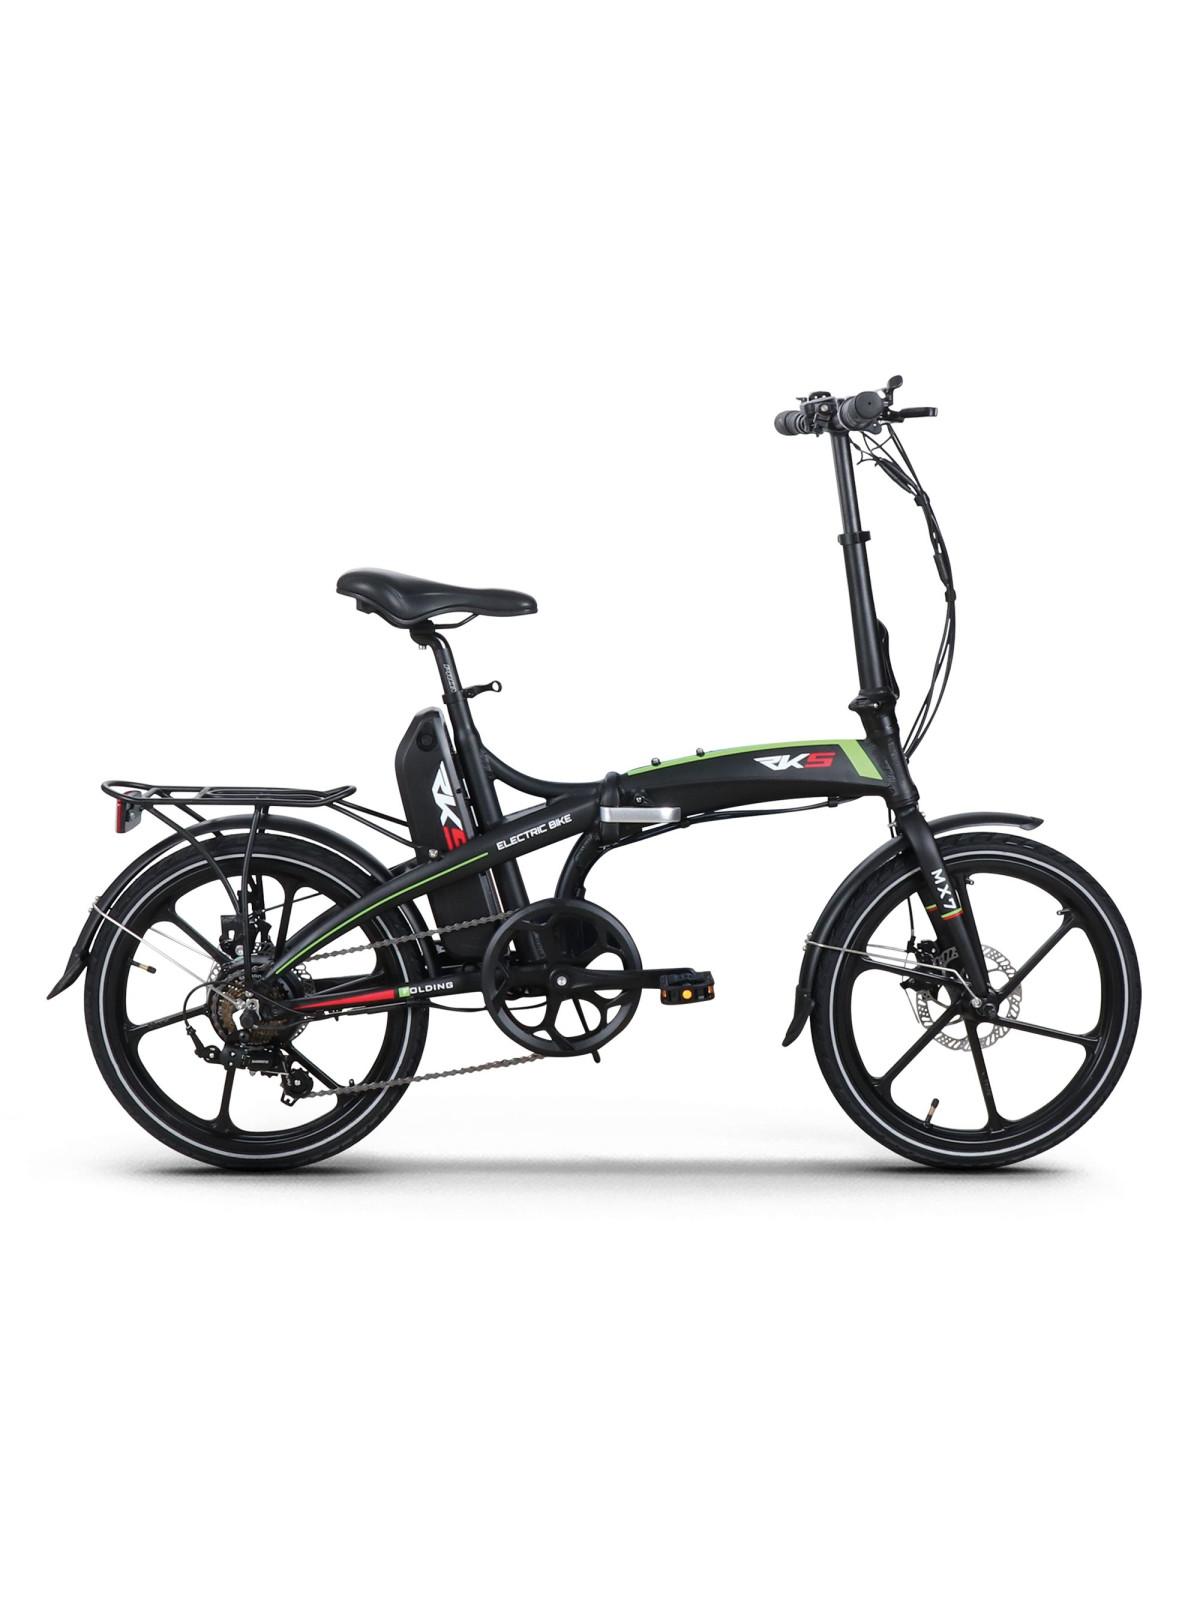 Bicicletă electrică RKS MX7